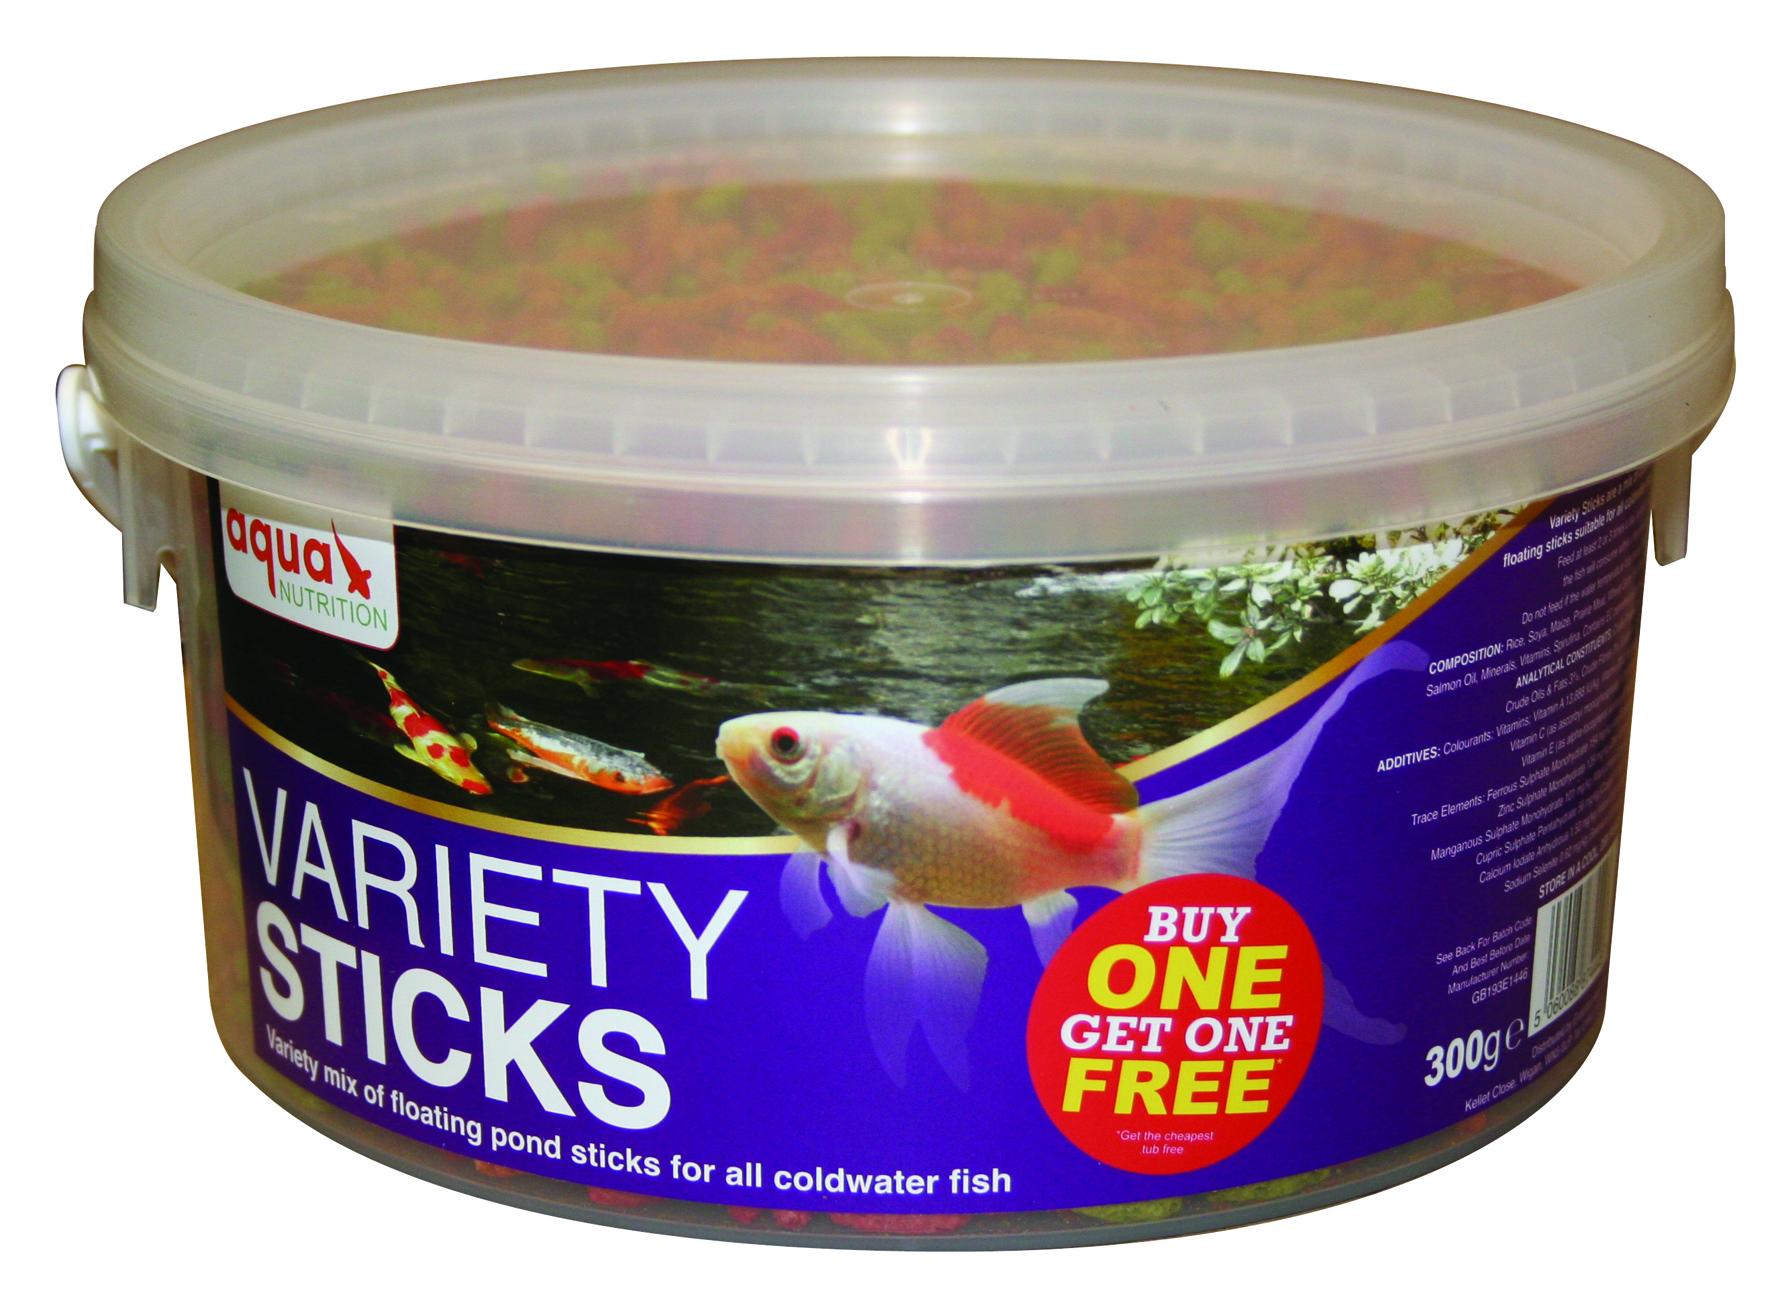 300G Aquan Varietysticks